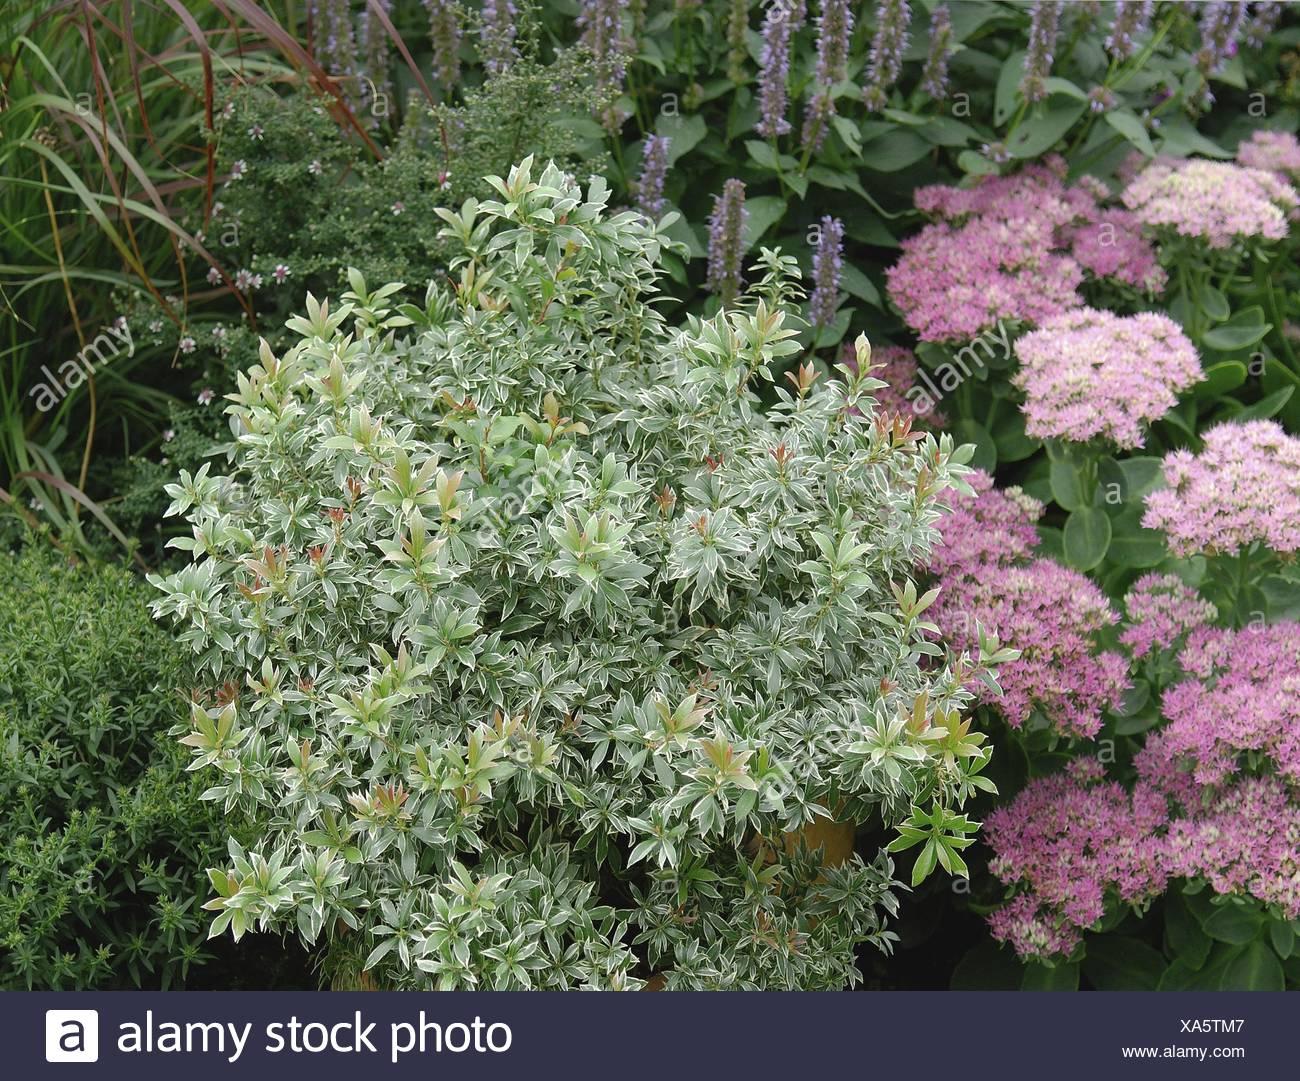 Japanese pieris (Pieris japonica 'Little Heath', Pieris japonica Little Heath), cultivar Little Heath - Stock Image